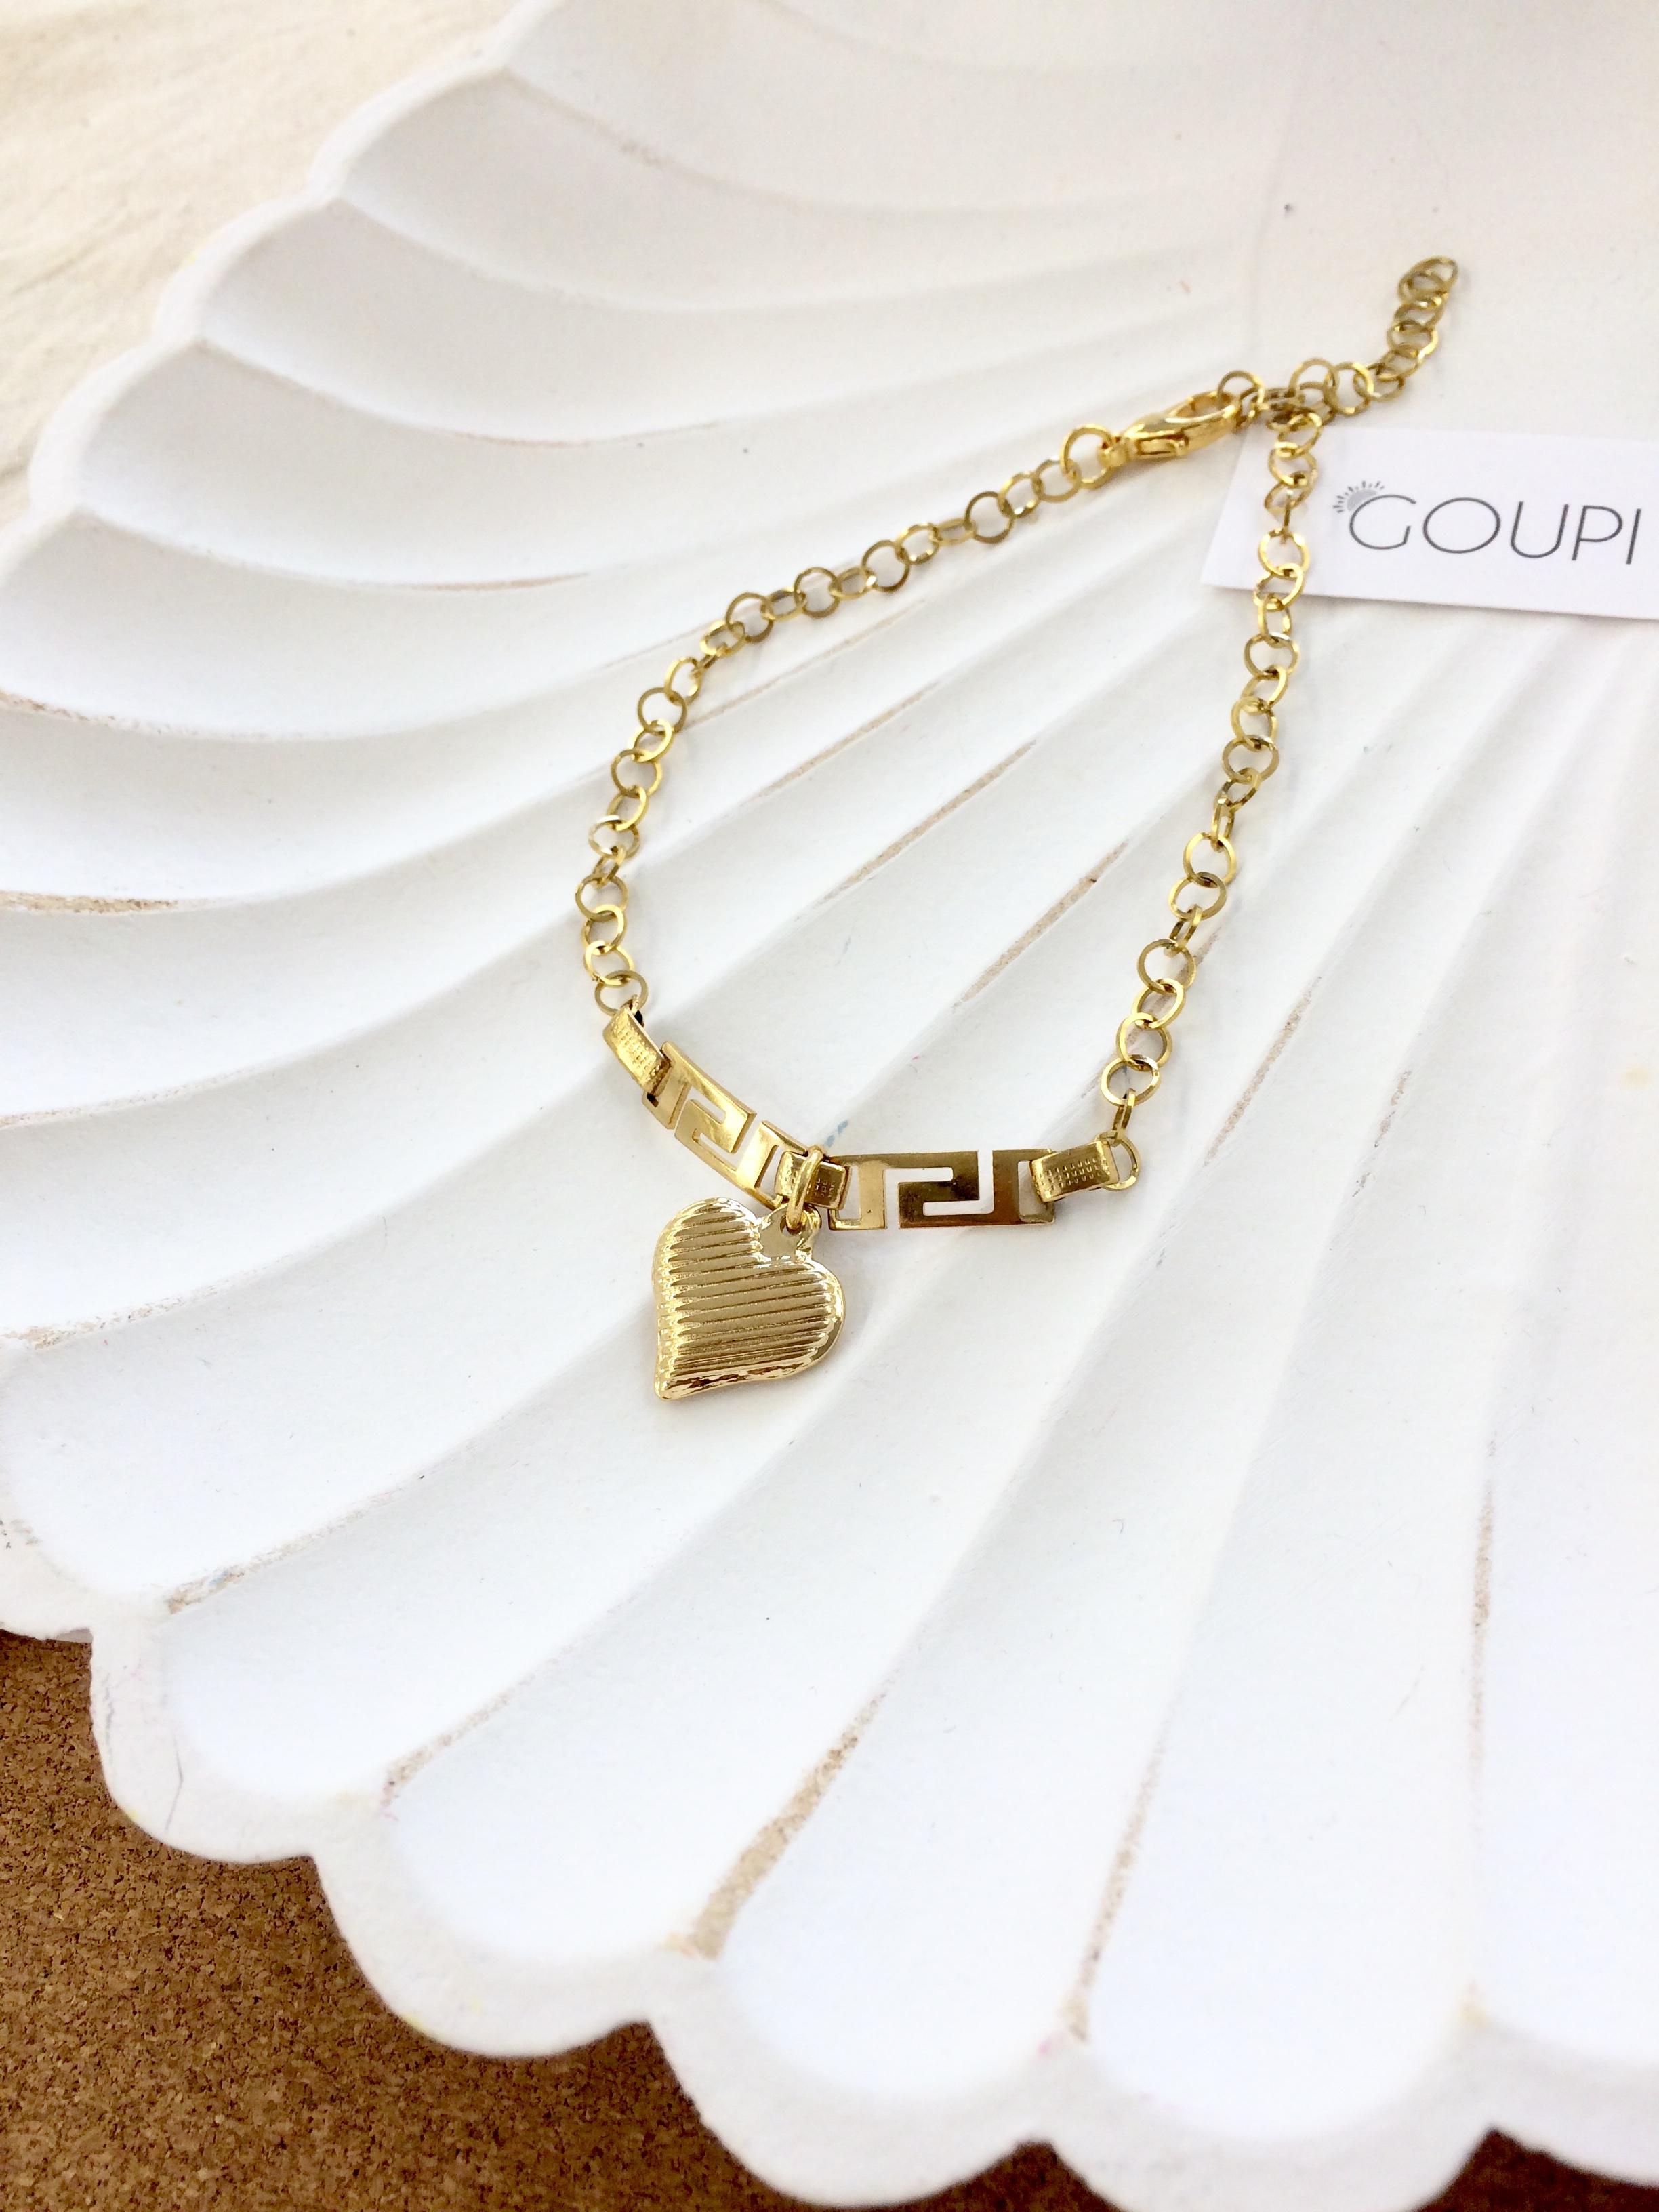 Náhrdelník na nohu GOUPI - GOLD HEART